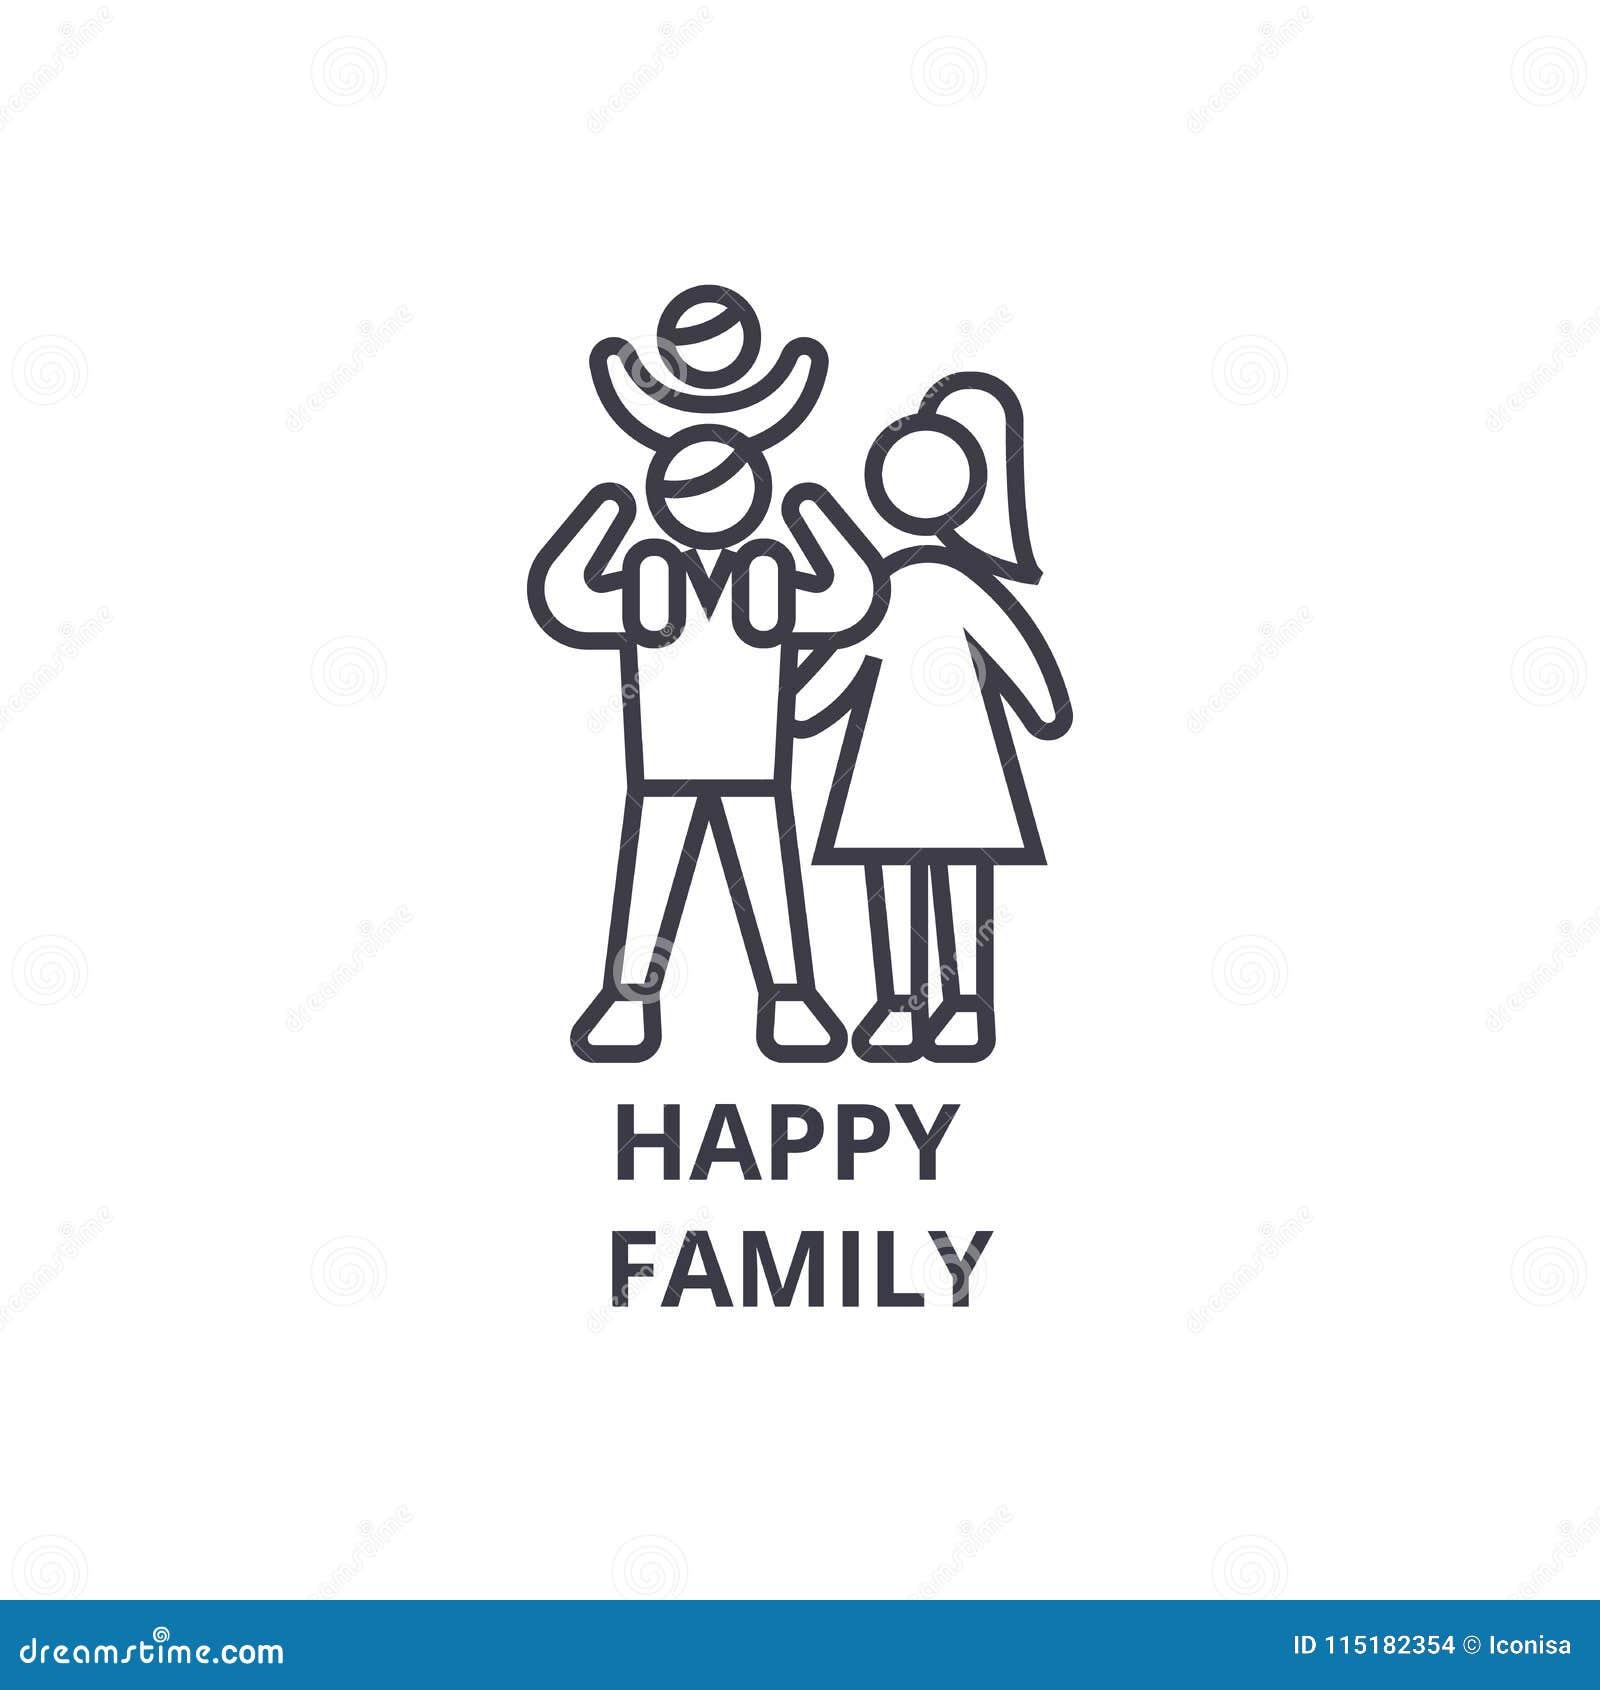 Ευτυχές εικονίδιο οικογενειακών λεπτό γραμμών, σημάδι, σύμβολο, illustation, γραμμική έννοια, διάνυσμα